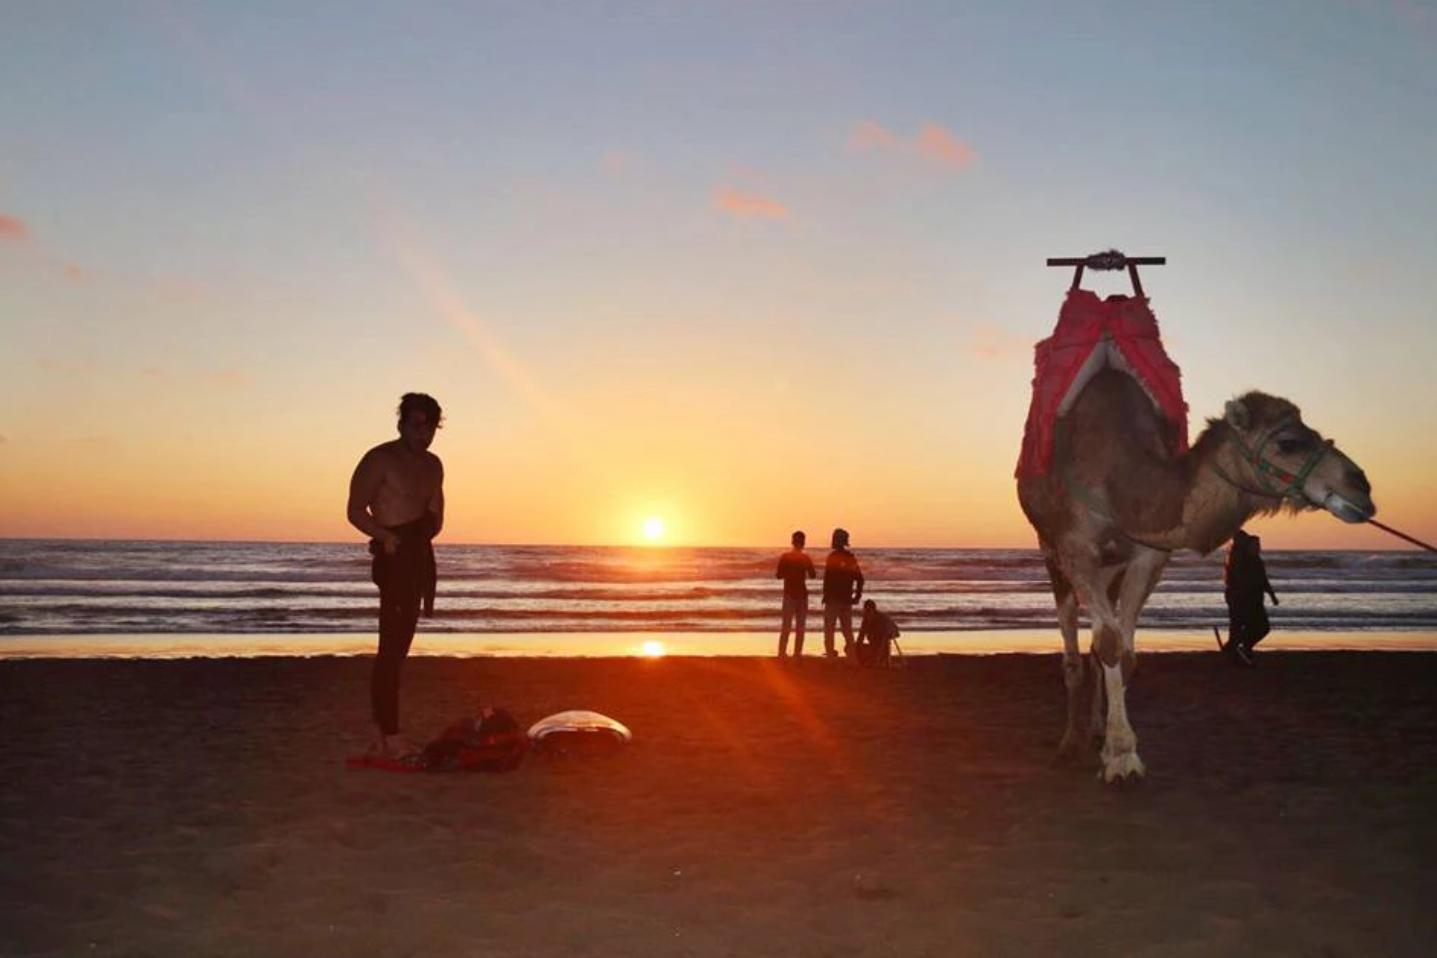 Destino - Tamraght es un oasis de paz, totalmente aislado de las bulliciosas ciudades de Marruecos. Un playa exclusiva para los deportes de mar, con olas periódicas perfectas. Una cultura diferente pero muy enriquecedora, una experiencia única.